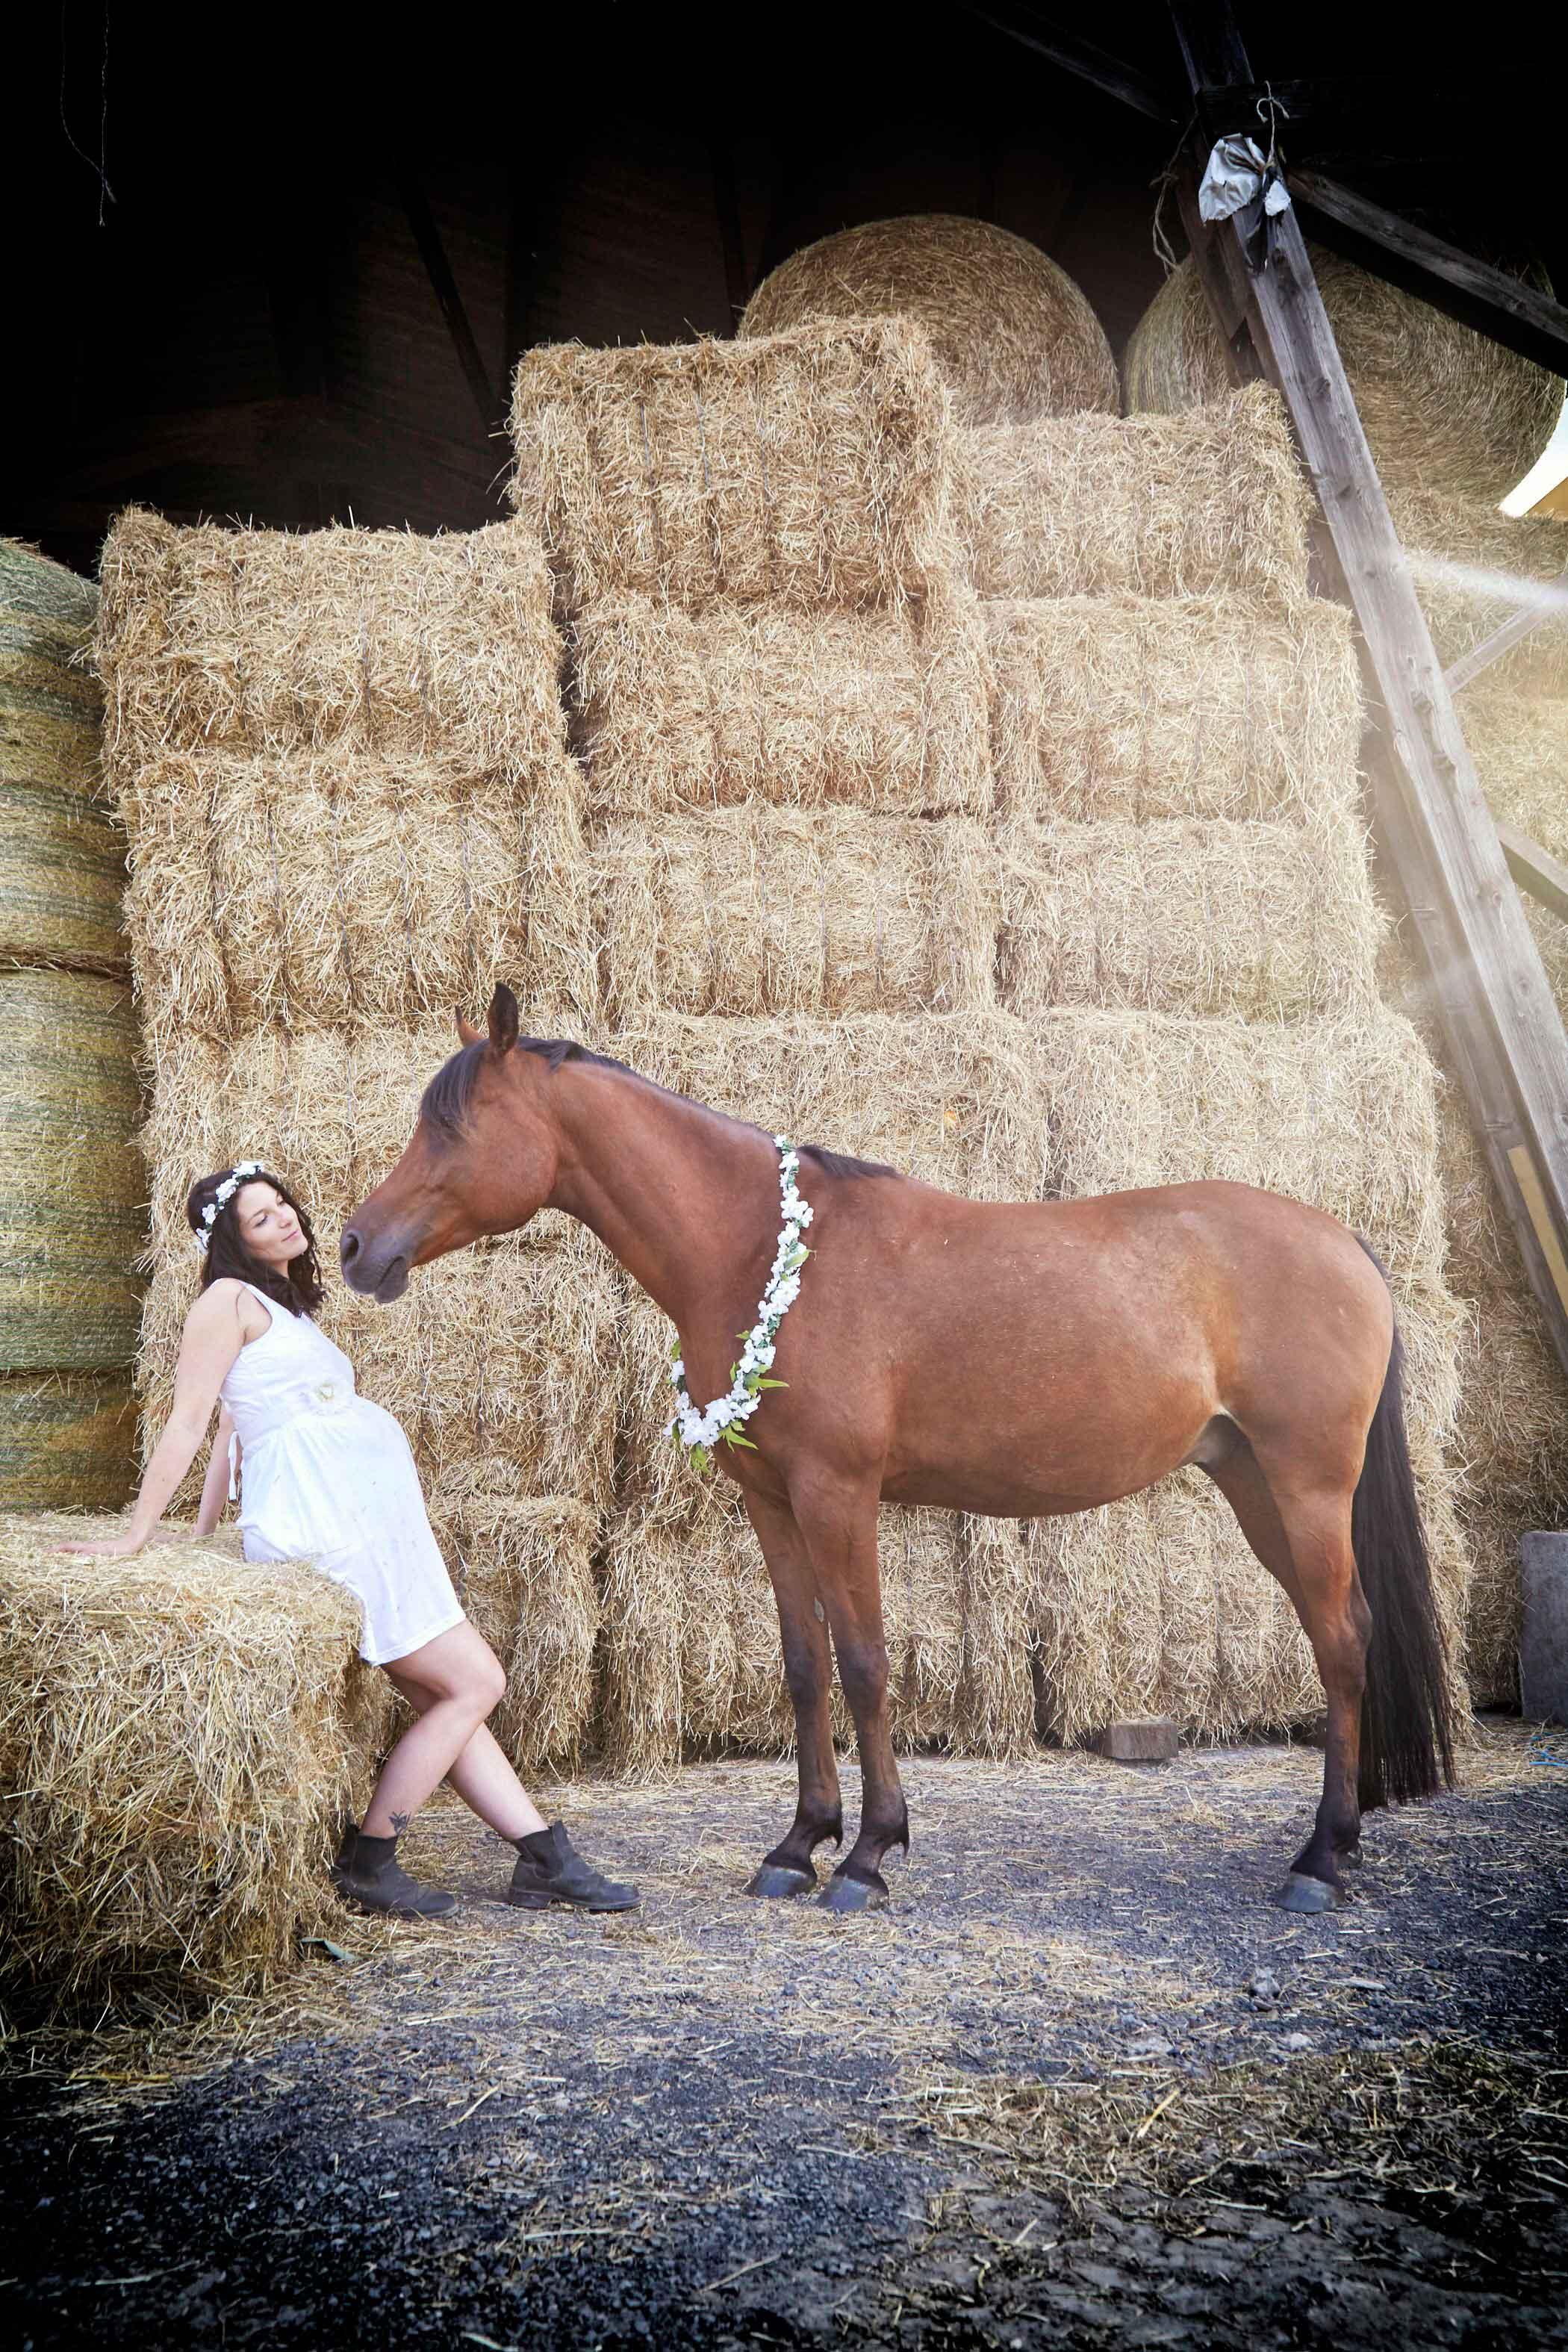 Schwangere Frau mit Babybauch sitzt im Stroh und schaut ihr Pferd an.